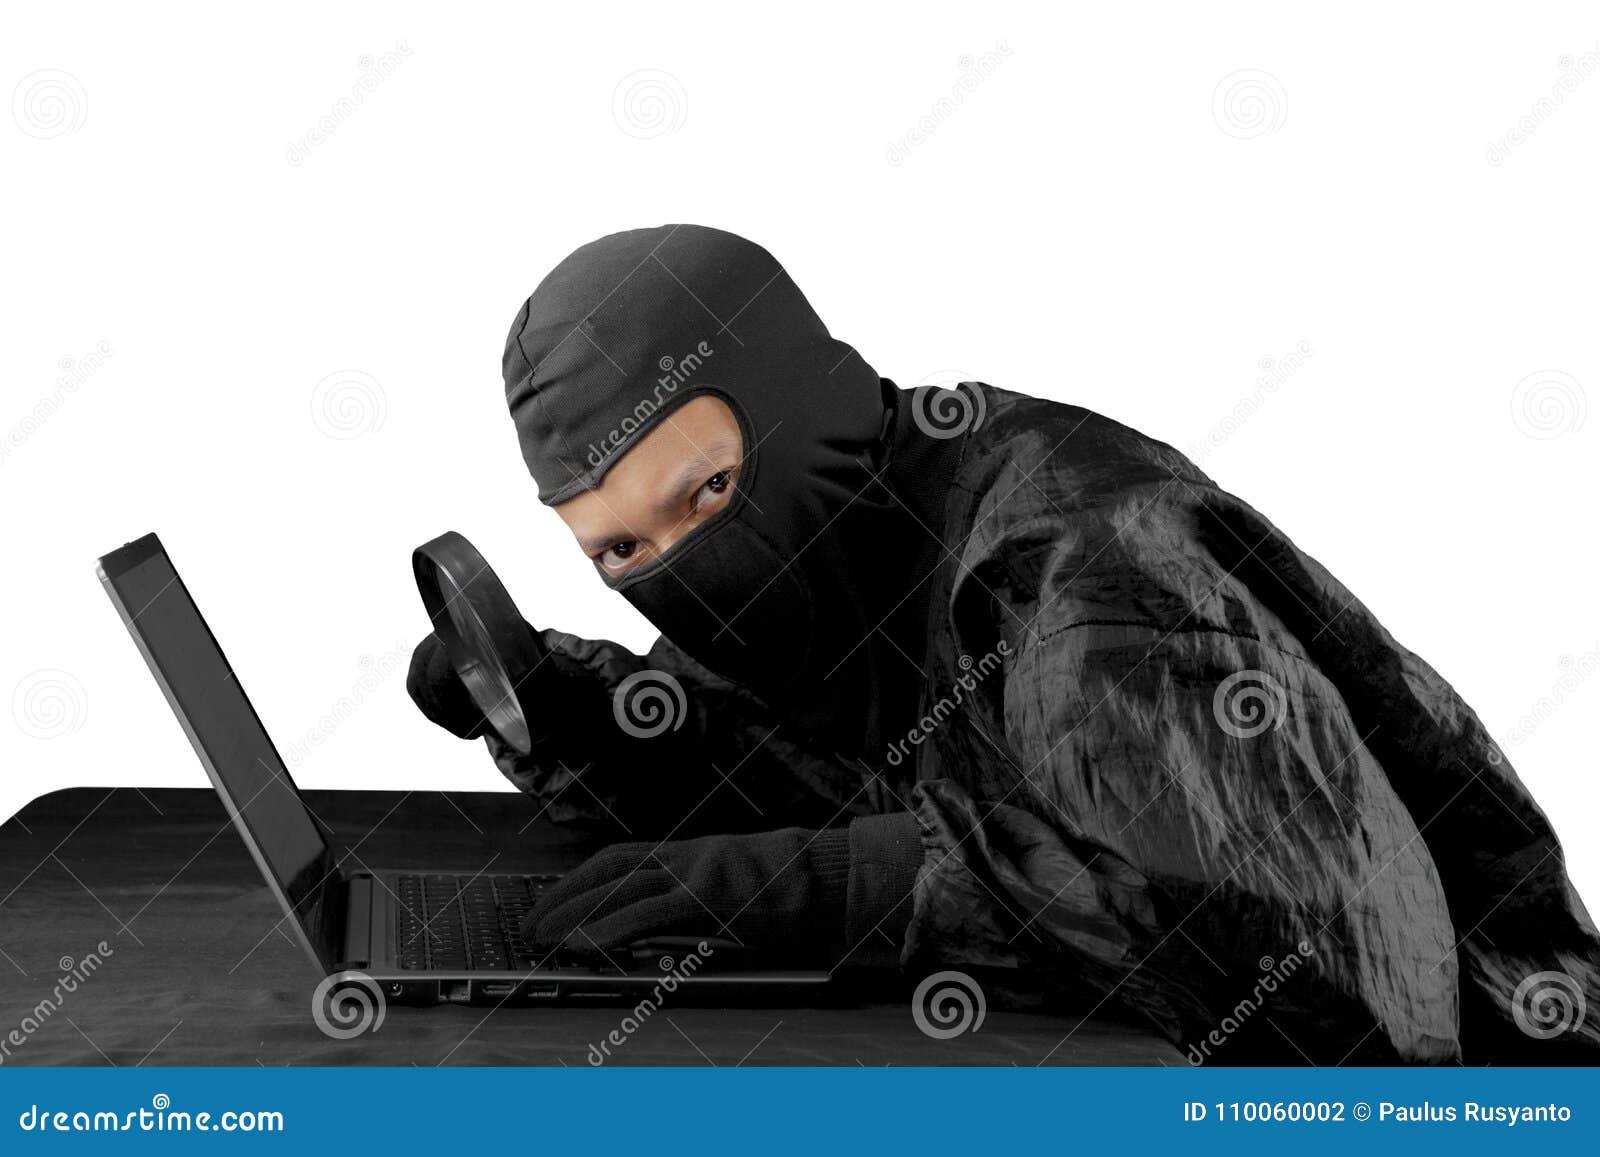 Хакер используя лупу на портативном компьютере